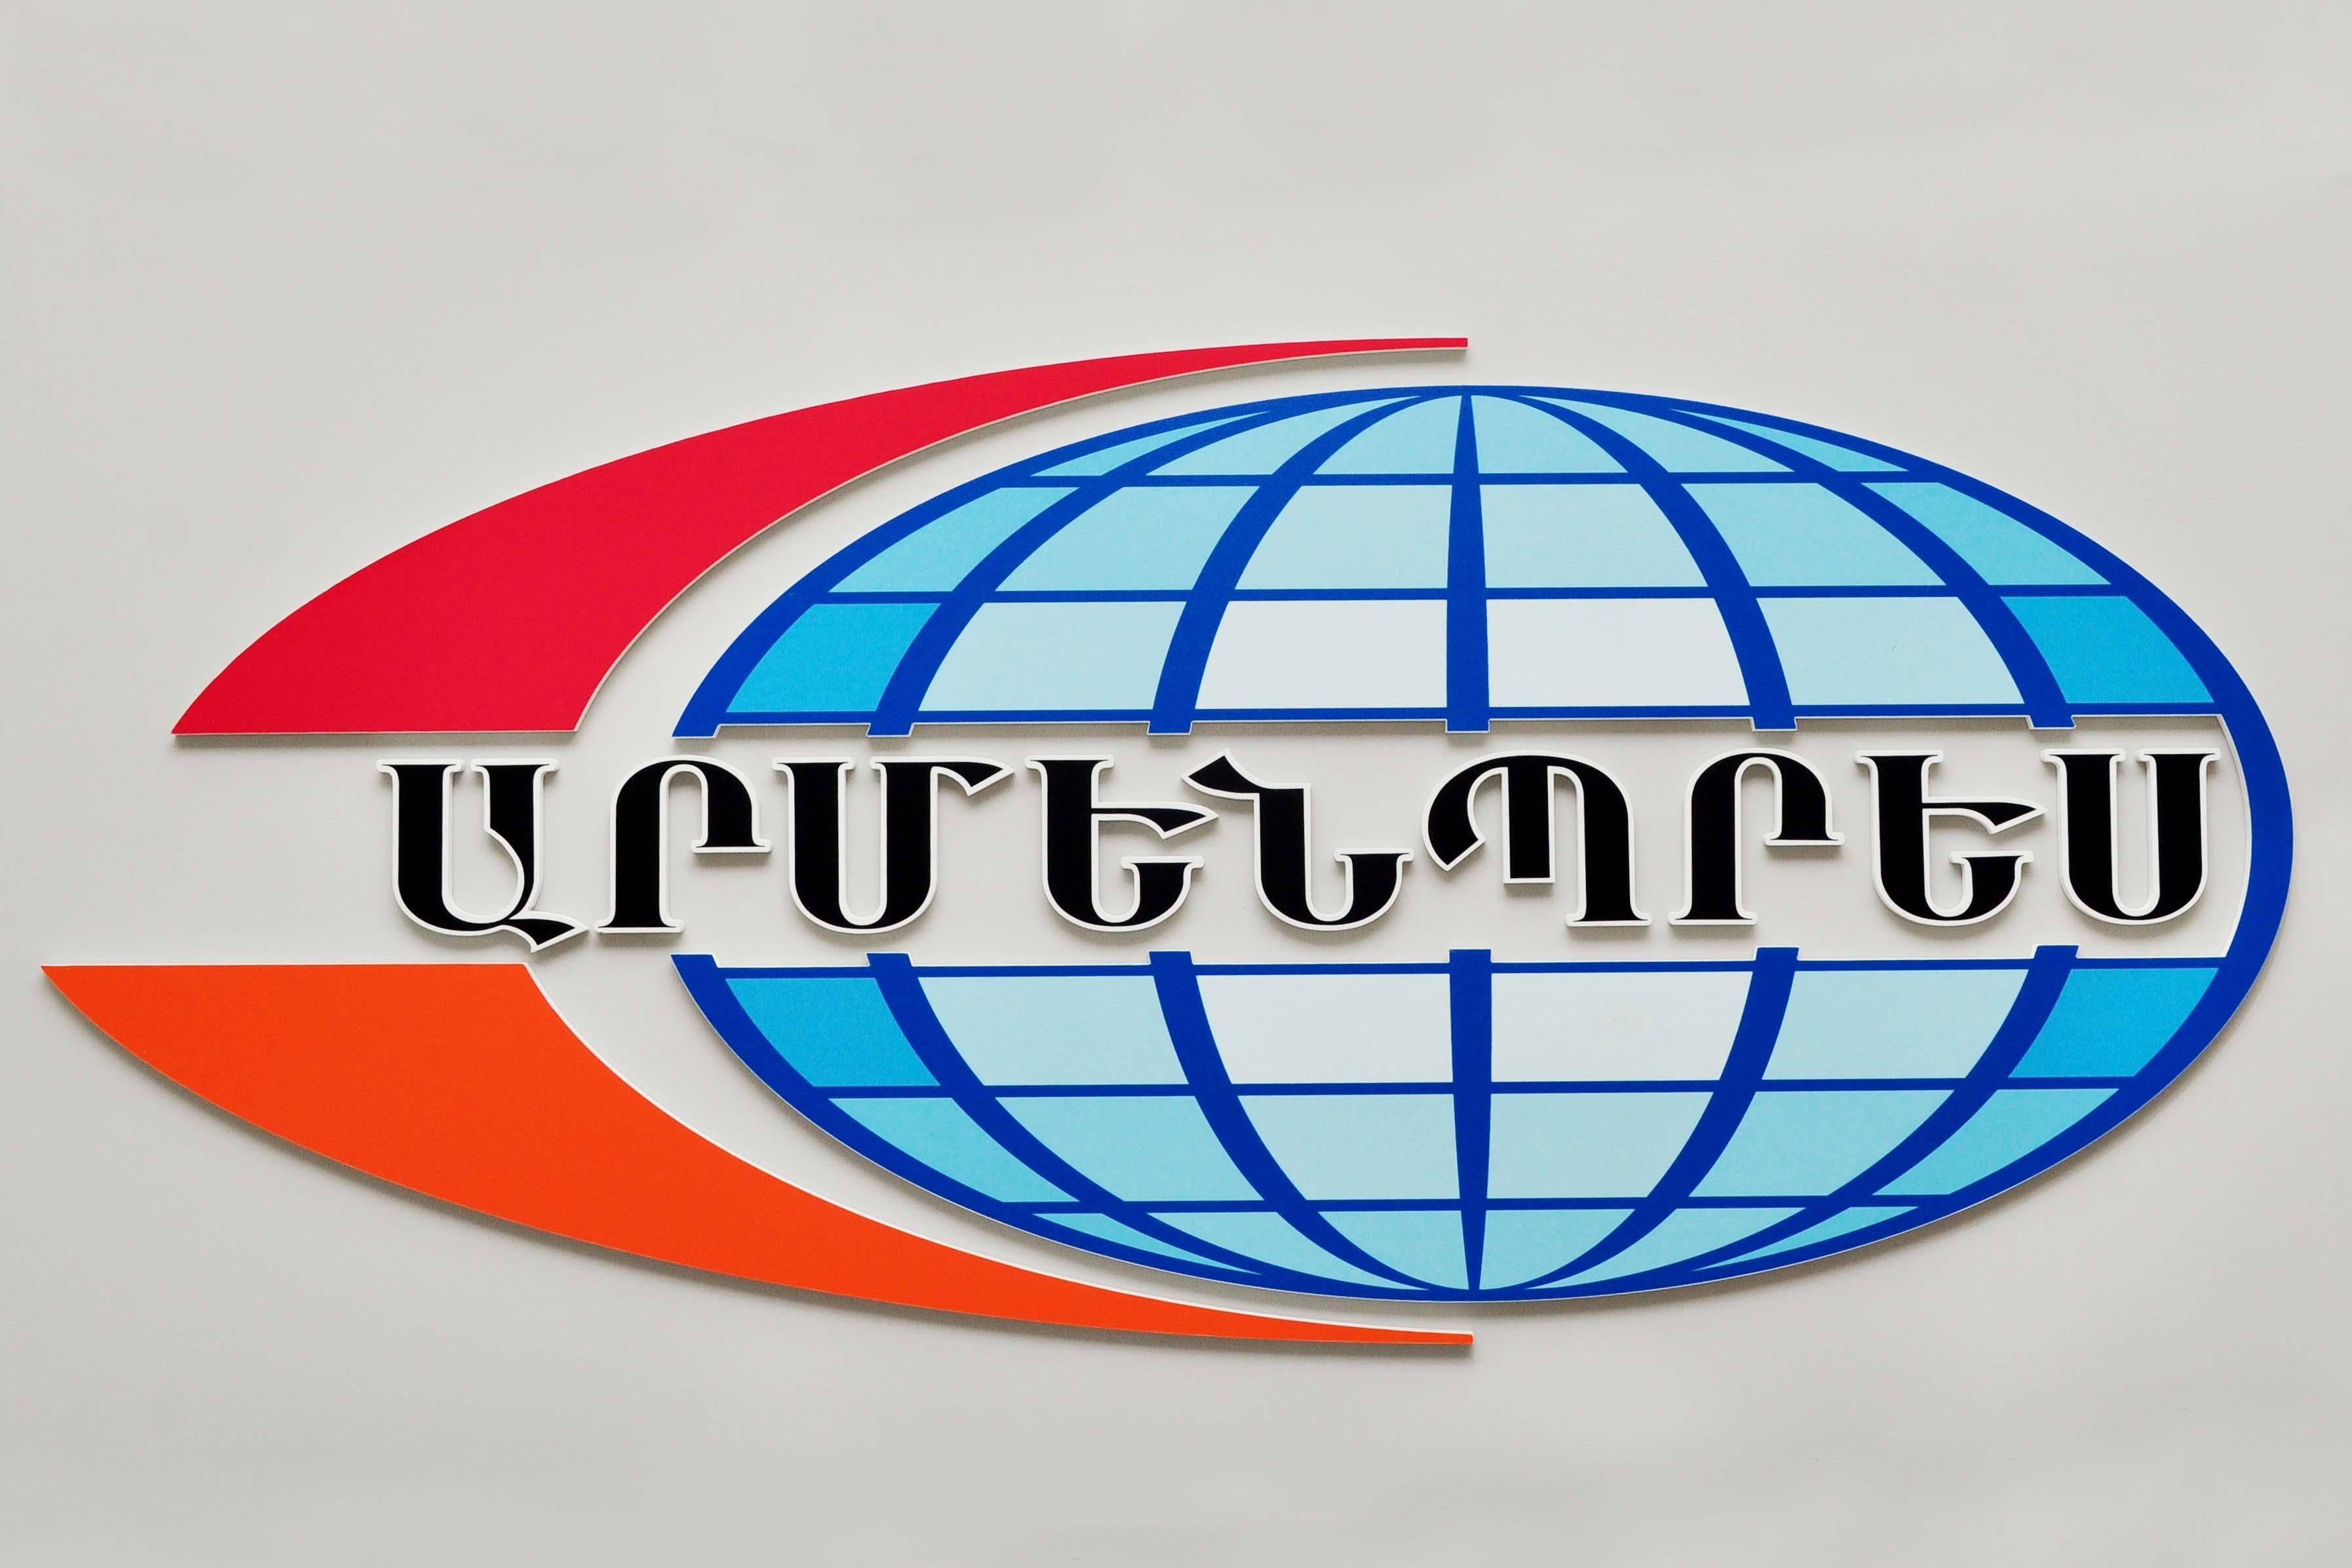 Հայաստանի Հանրապետություն և Հանրապետություն  պարբերականները միացվեցին Արմենպրեսին